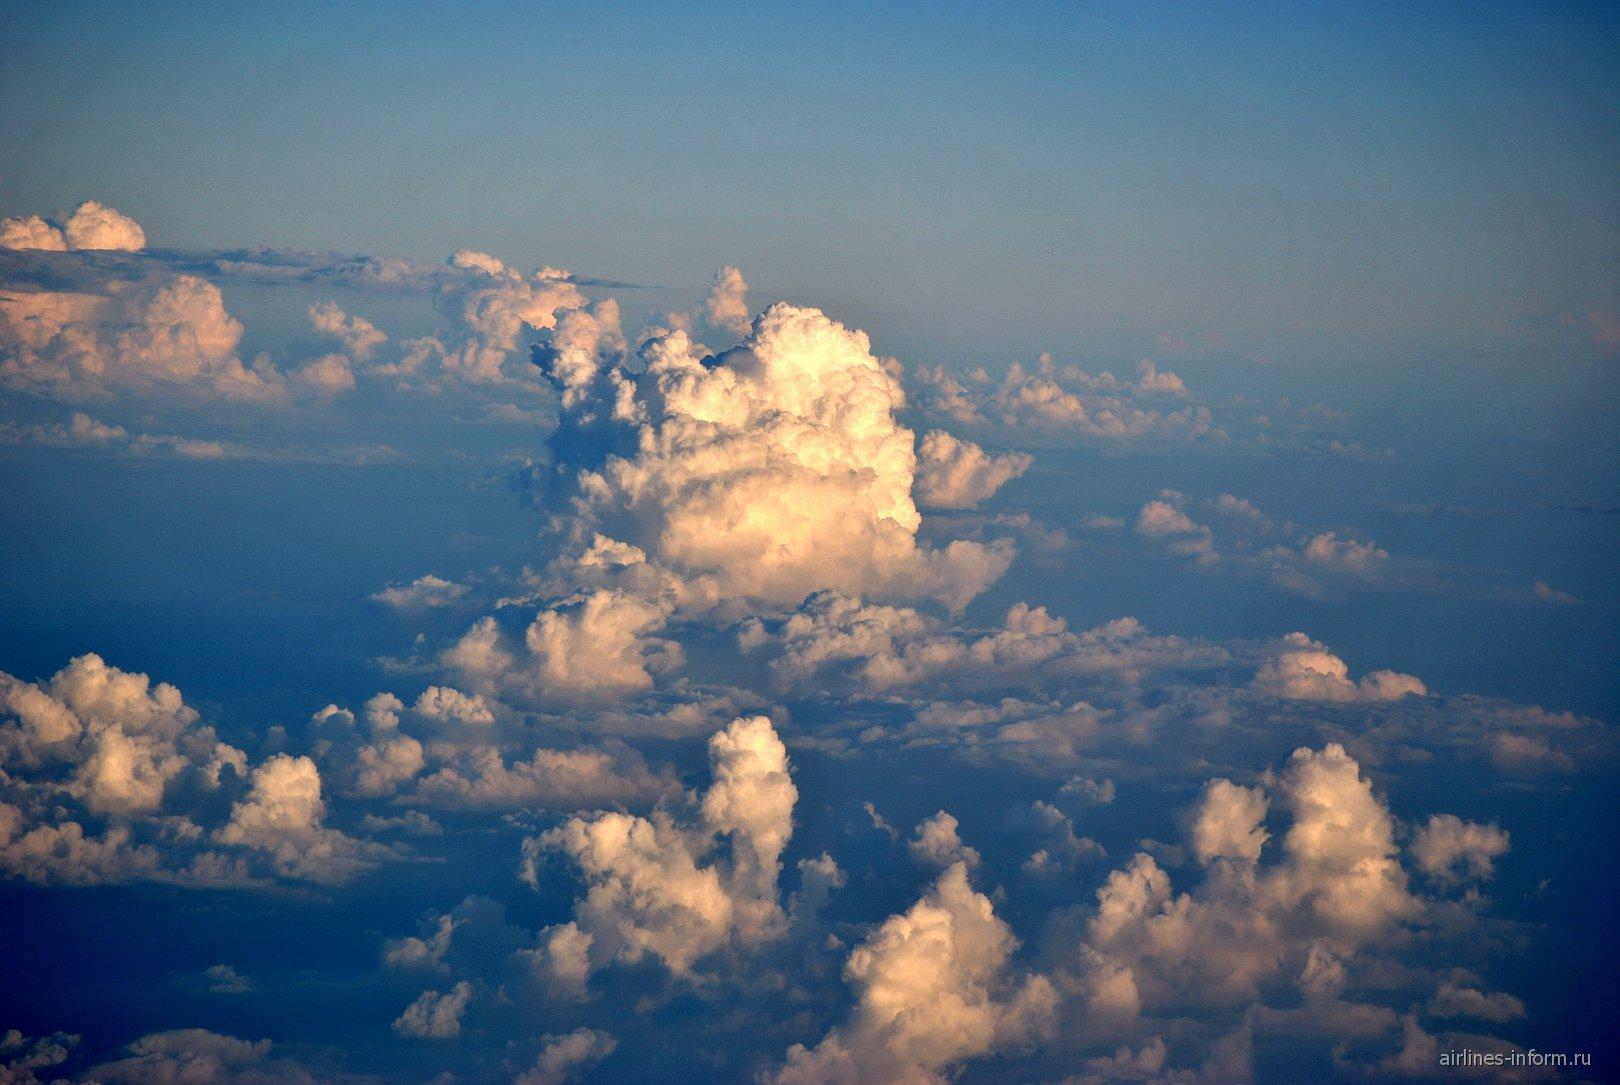 Вечерние облака над Сиамским заливом